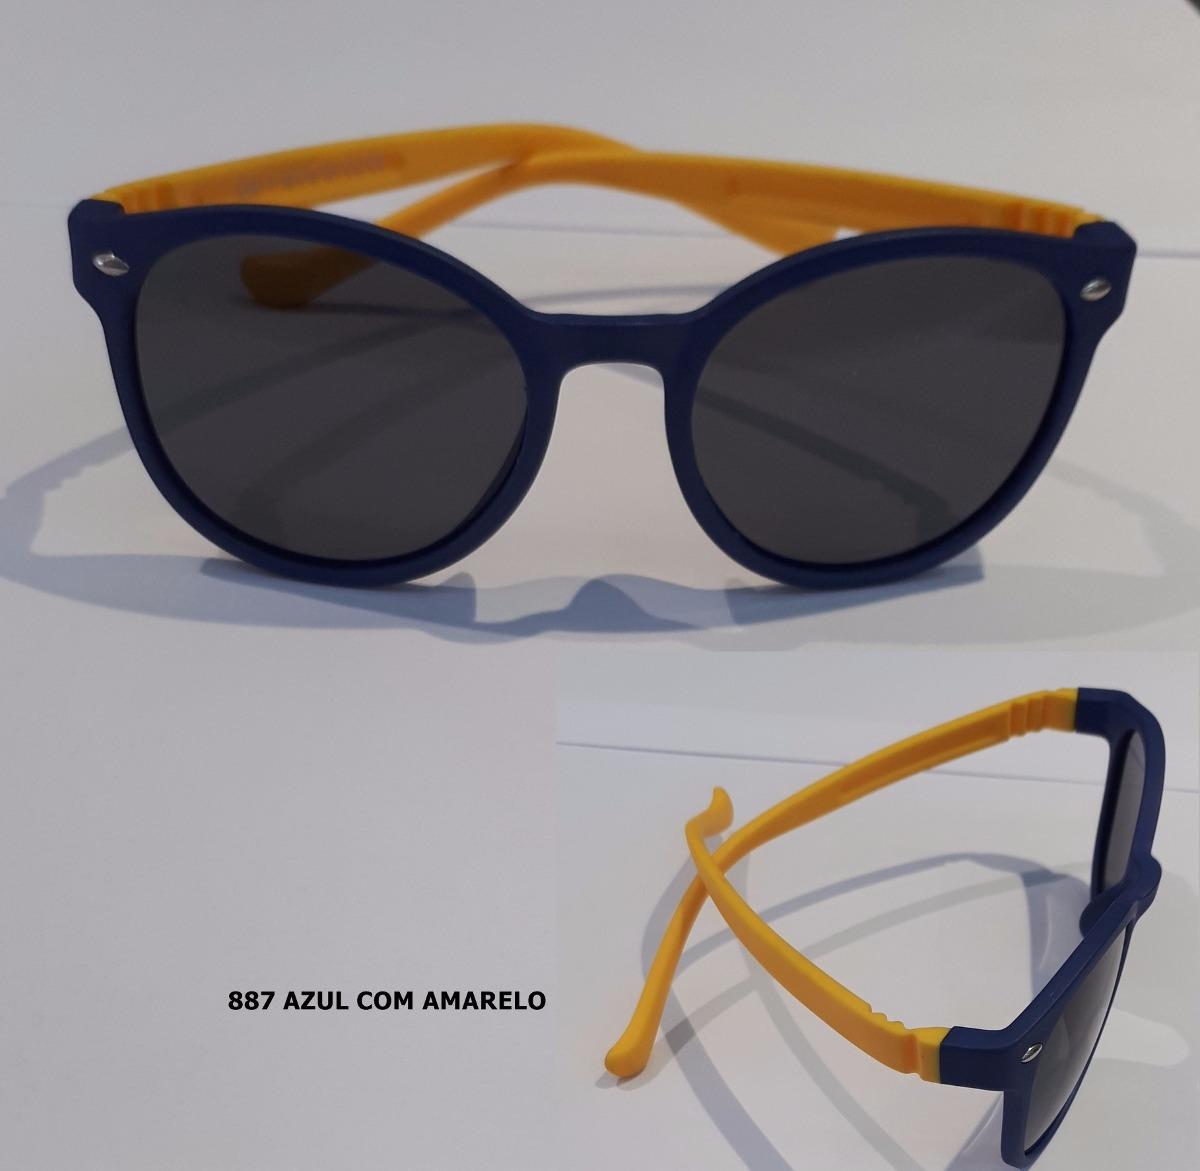 Oculos De Sol Infantil Aste Flexivel - R  50,00 em Mercado Livre 8602f825a6